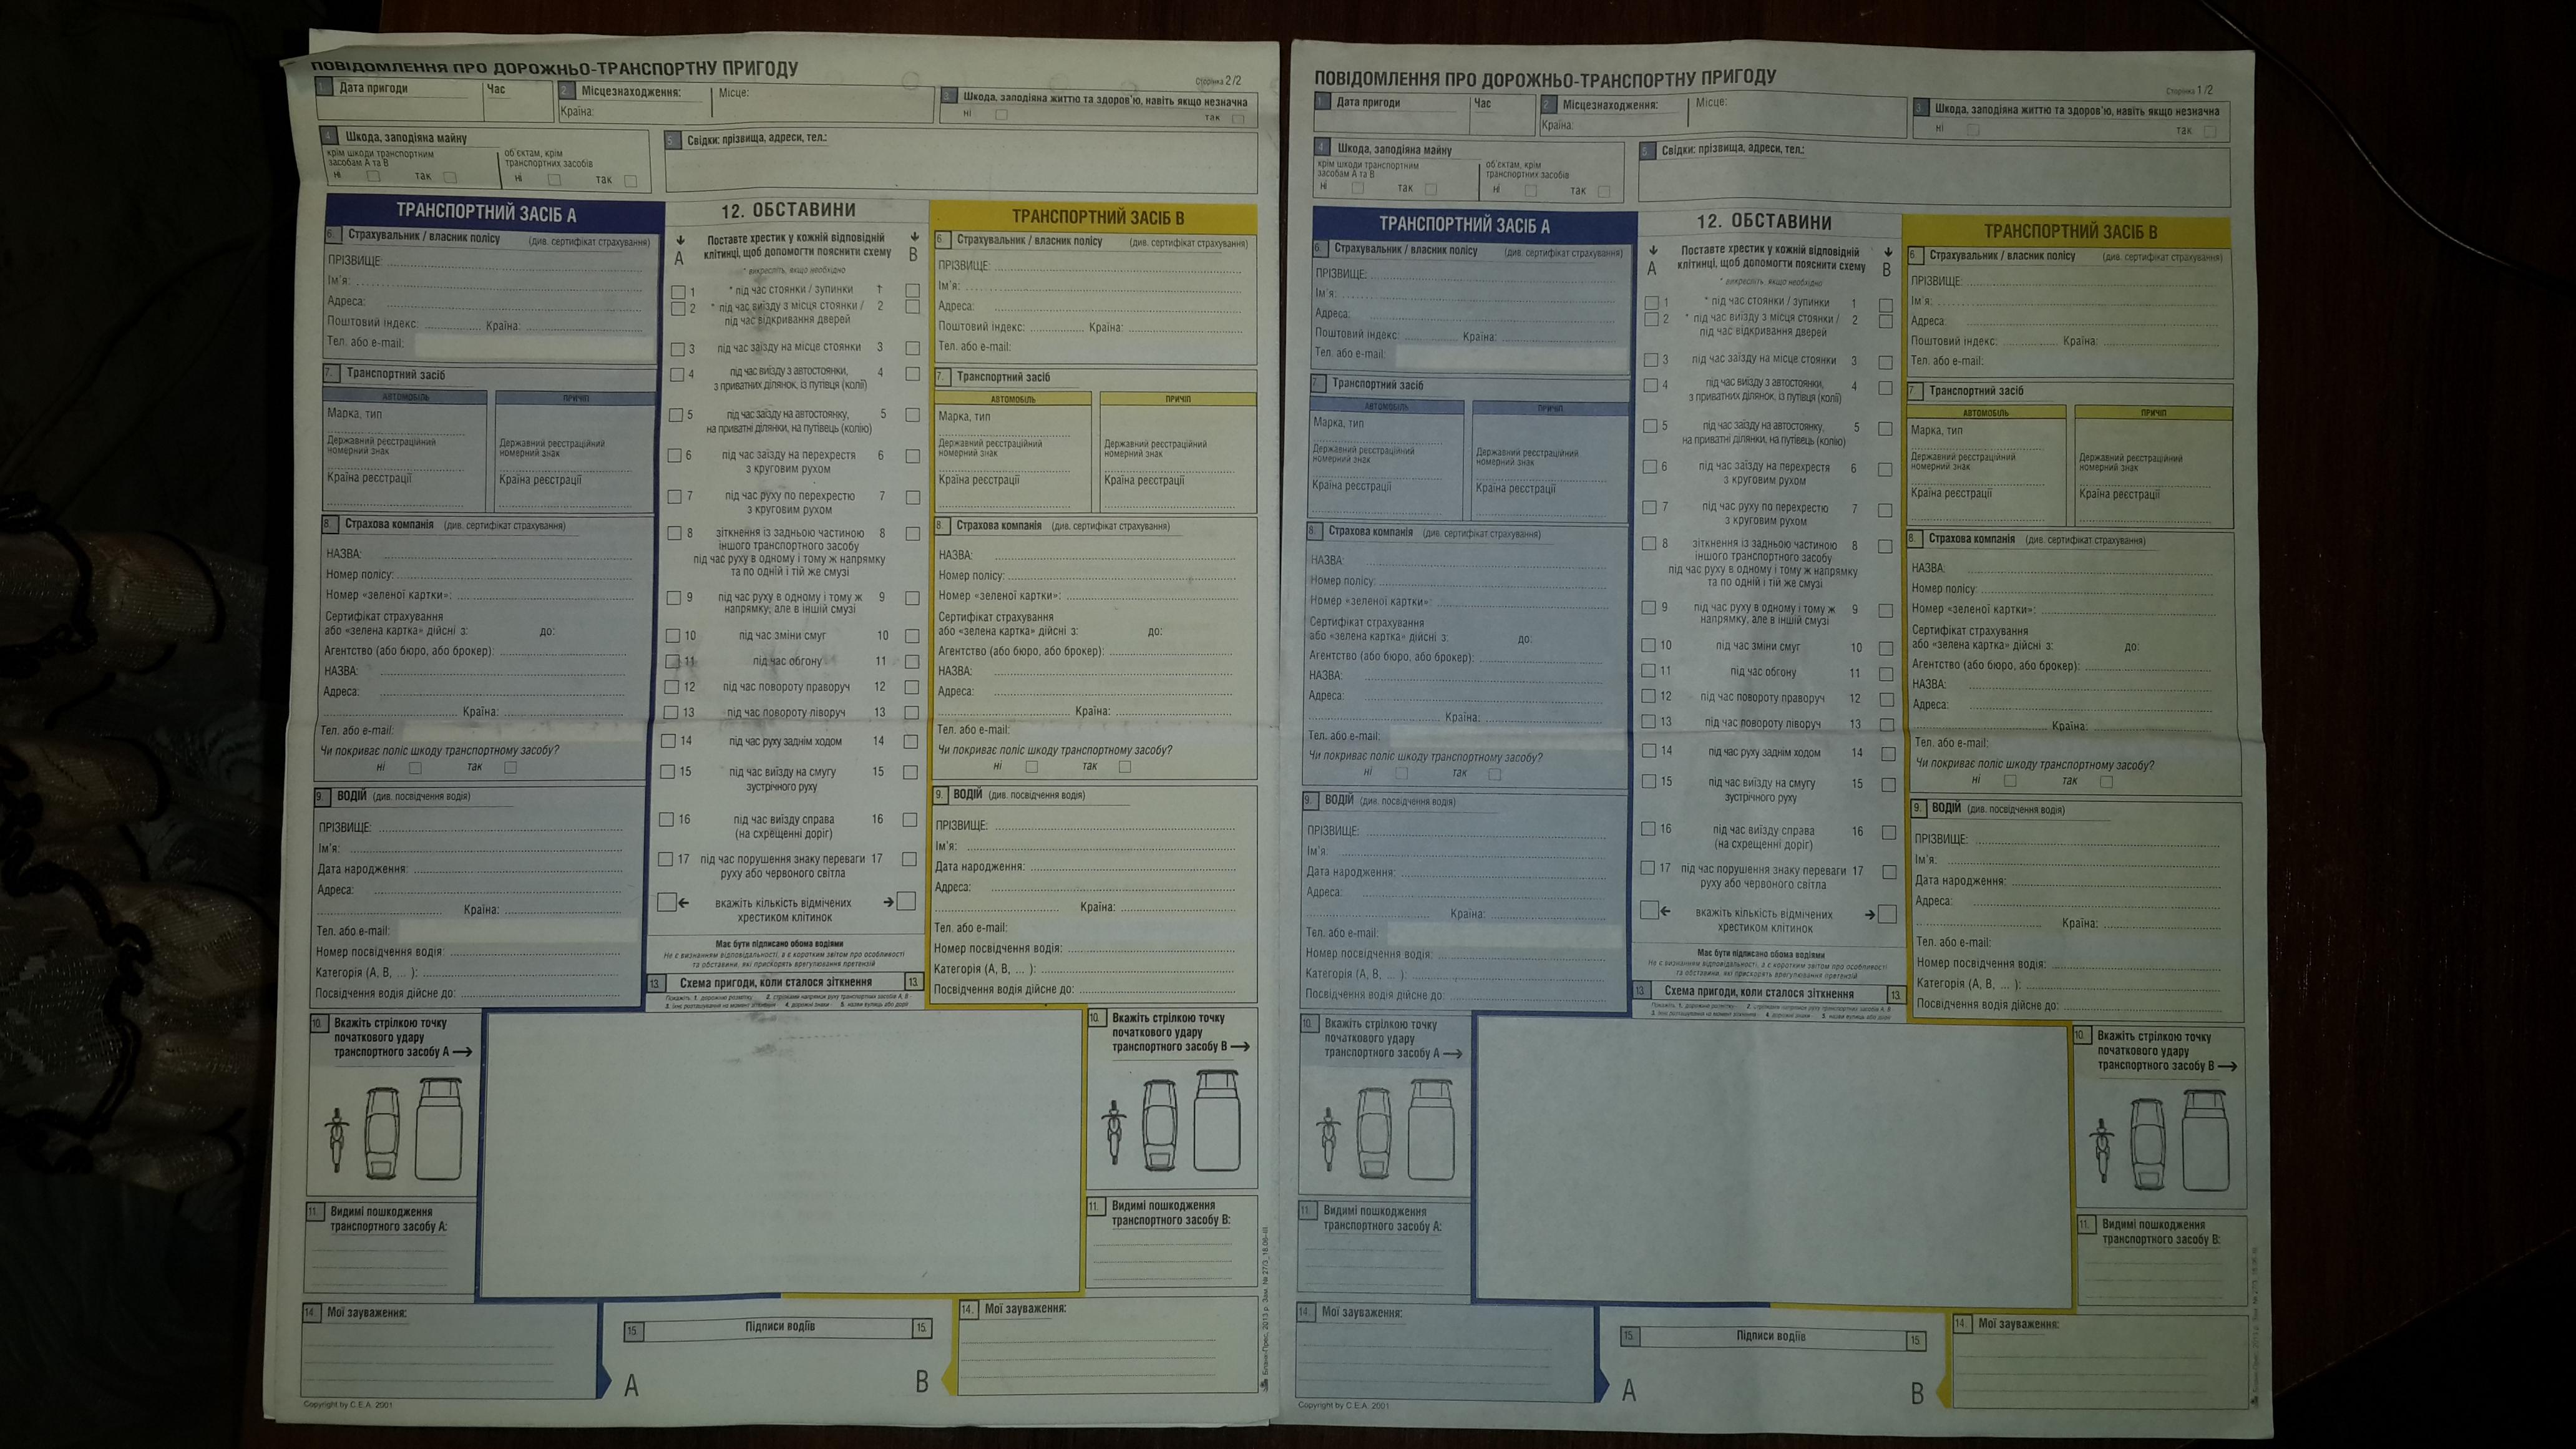 Европротокол 2 бланка(1 копия, 2-ий оригинал)